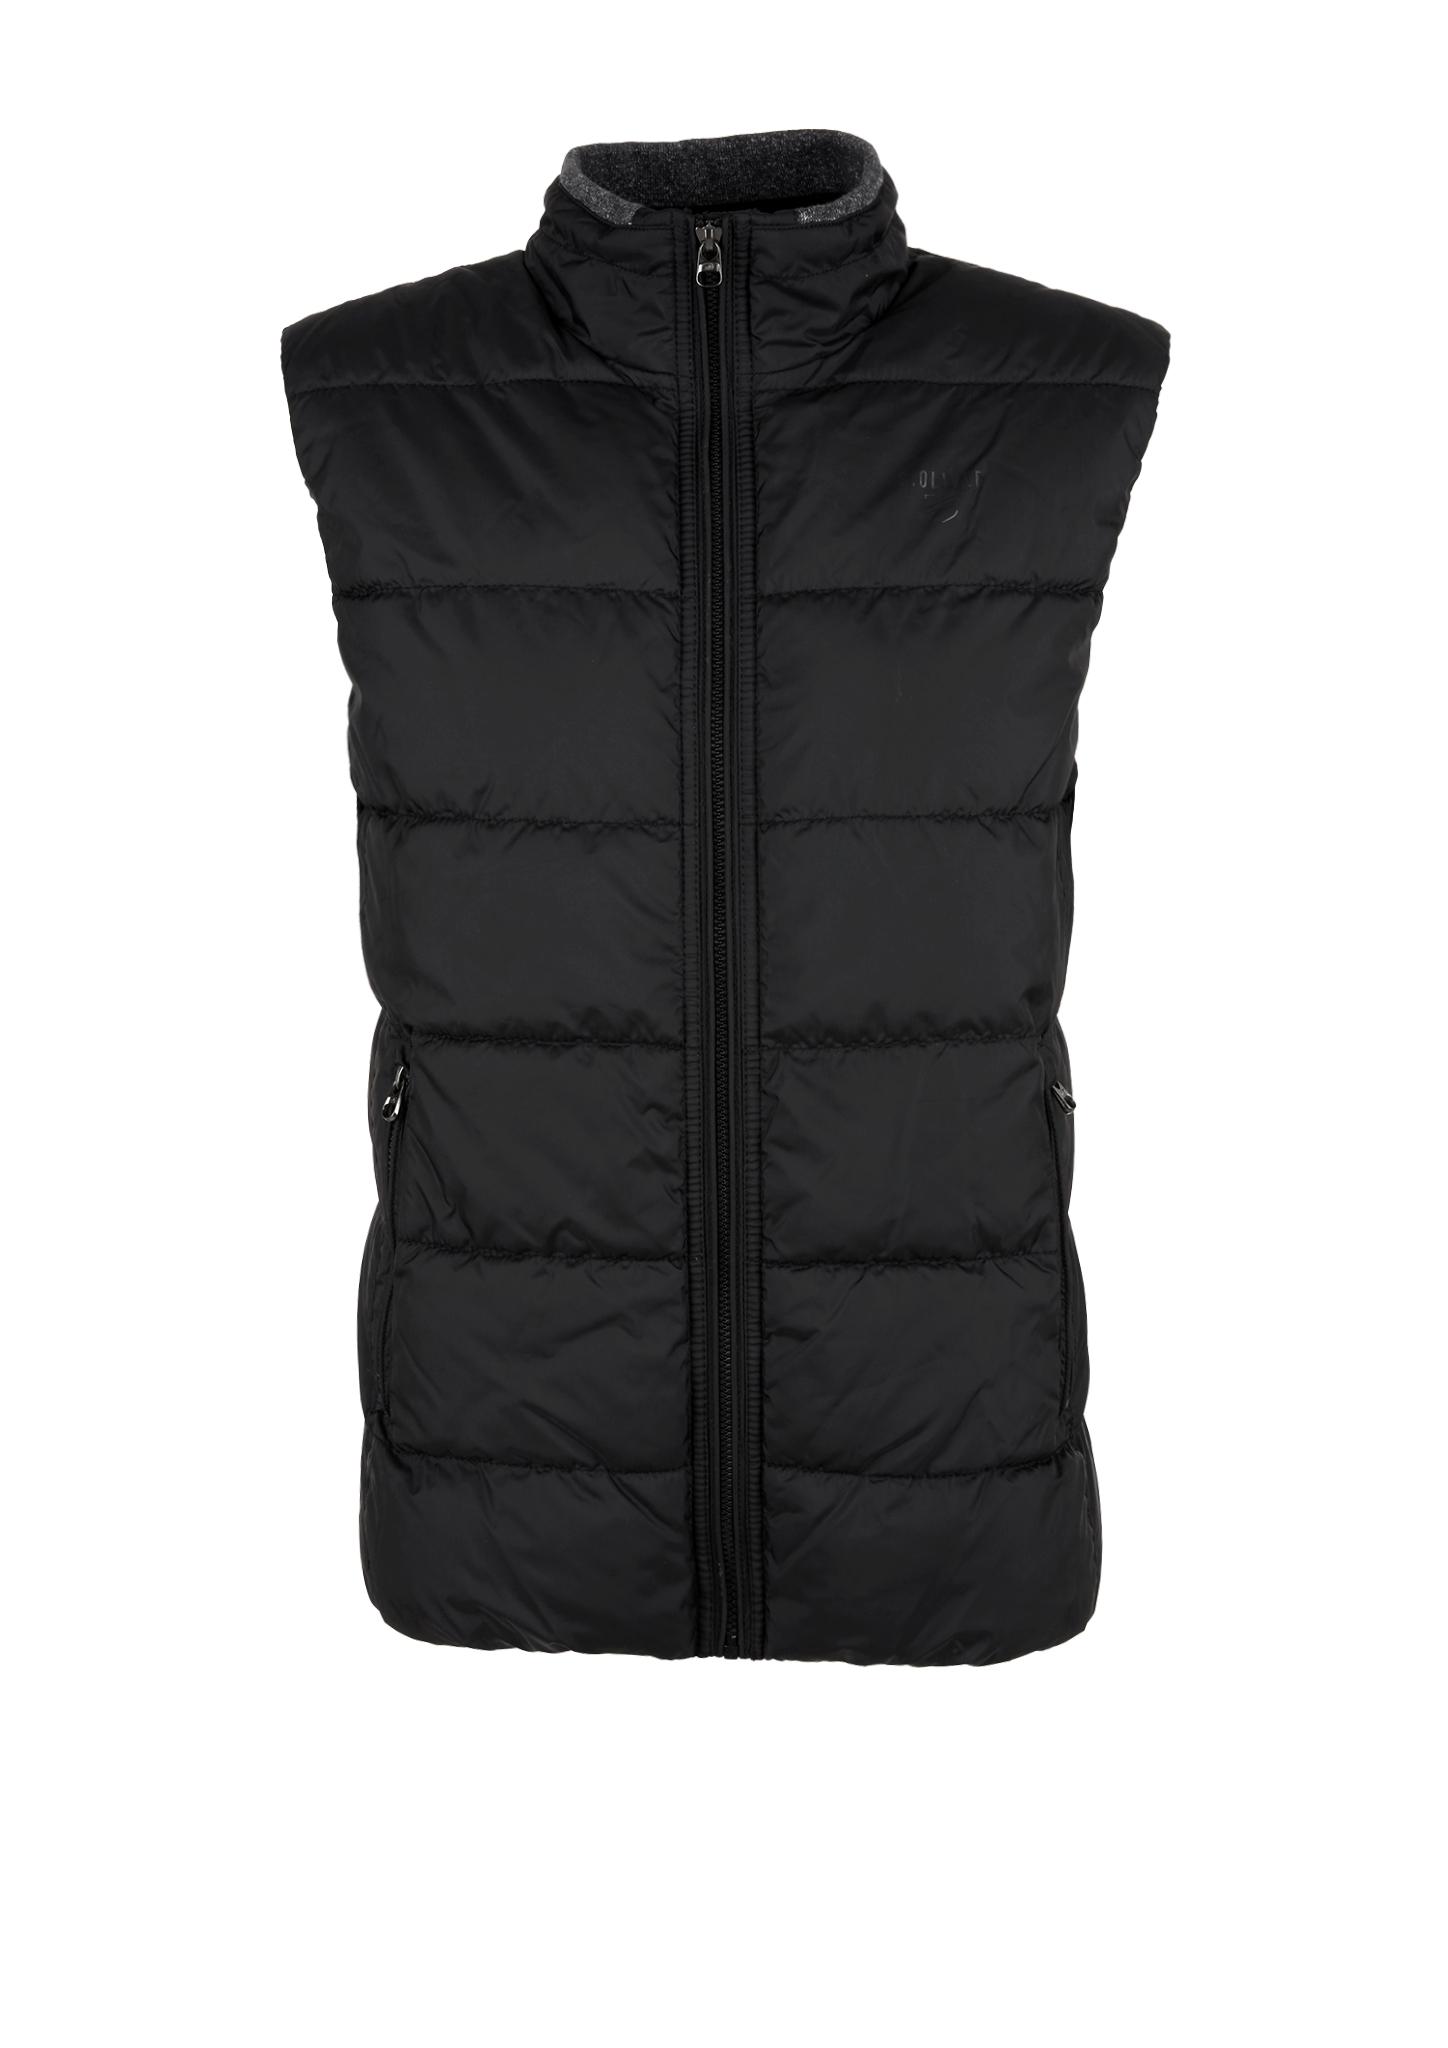 Outdoorweste | Sportbekleidung > Sportwesten > Outdoorwesten | Grau/schwarz | Obermaterial 100% polyester| futter und füllmaterial 100% polyamid| kragenfutter 95% baumwolle -  5% elasthan | s.Oliver